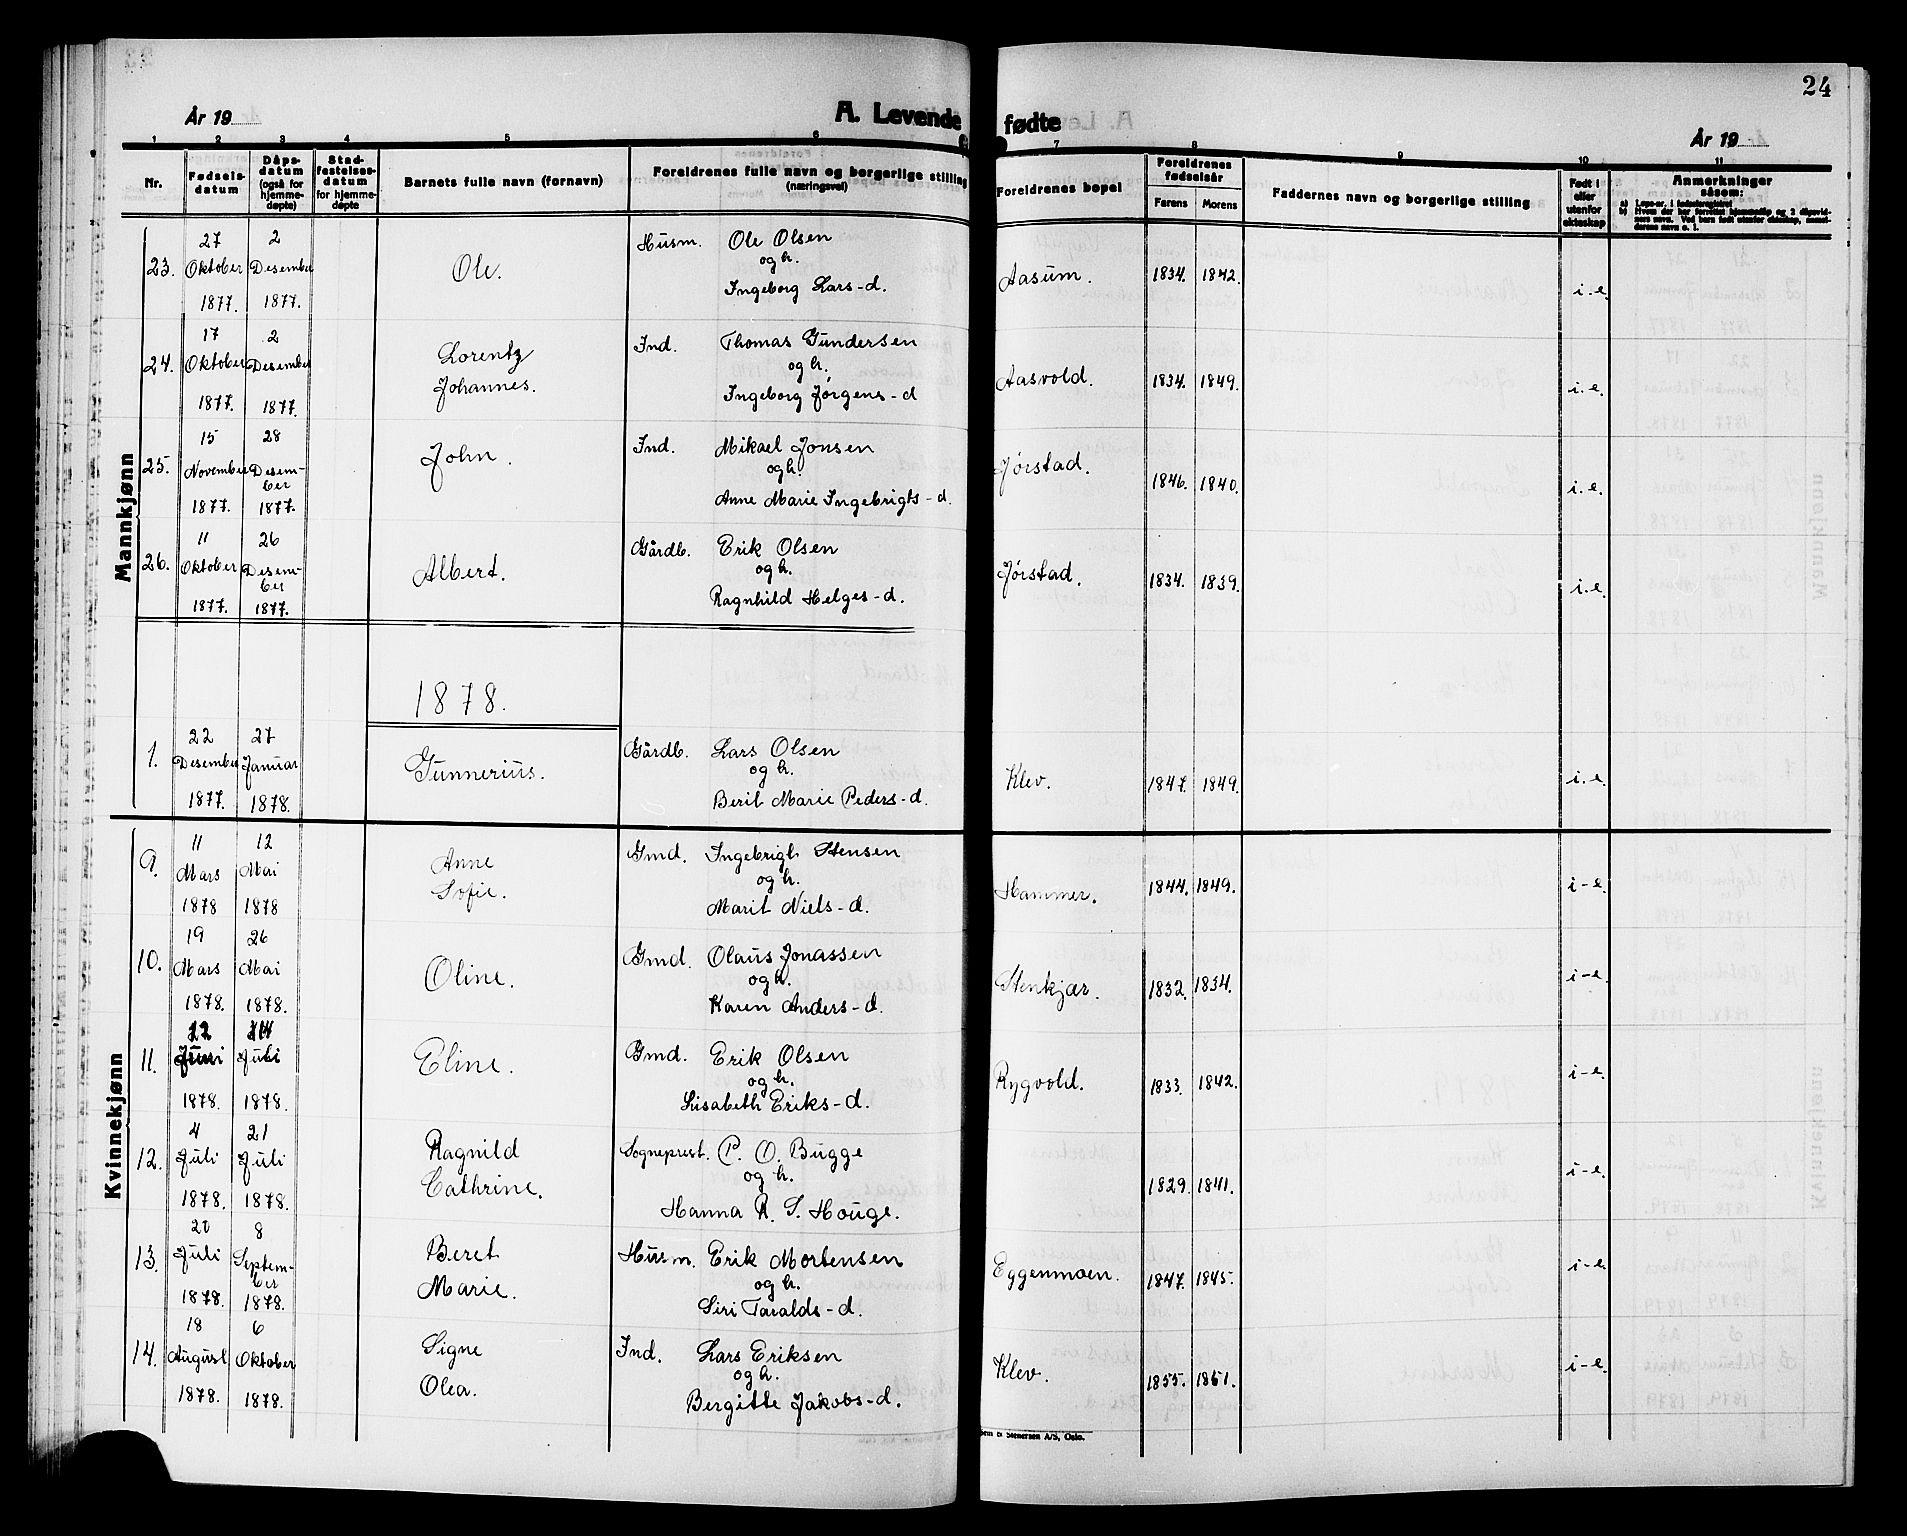 SAT, Ministerialprotokoller, klokkerbøker og fødselsregistre - Nord-Trøndelag, 749/L0486: Ministerialbok nr. 749D02, 1873-1887, s. 24